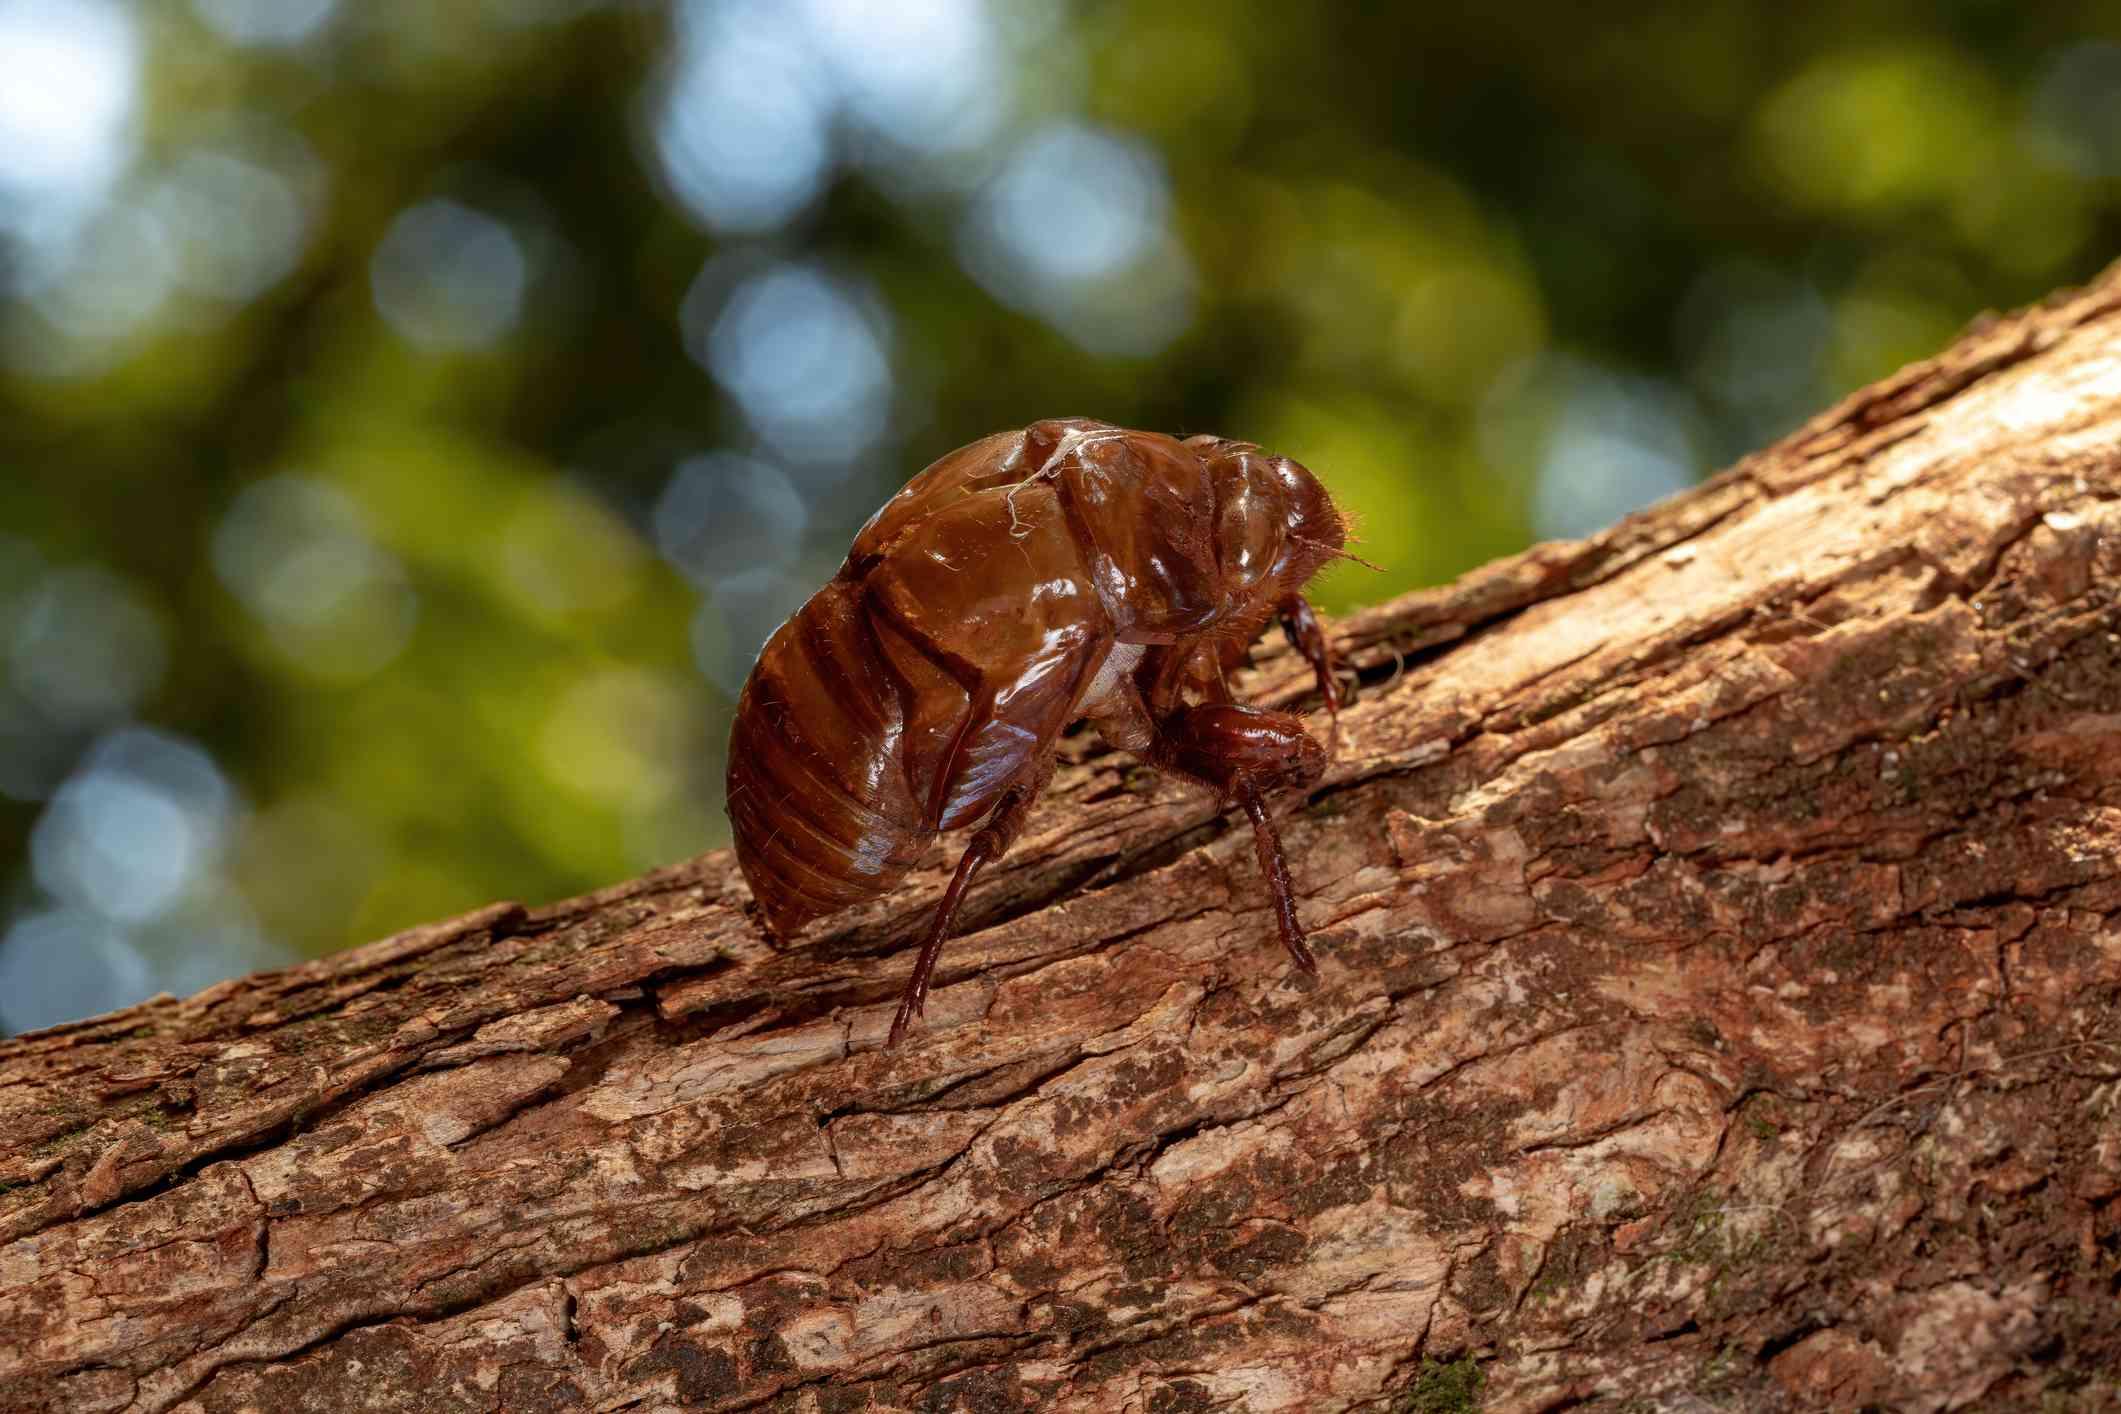 Abandoned exoskeleton of cicada on tree